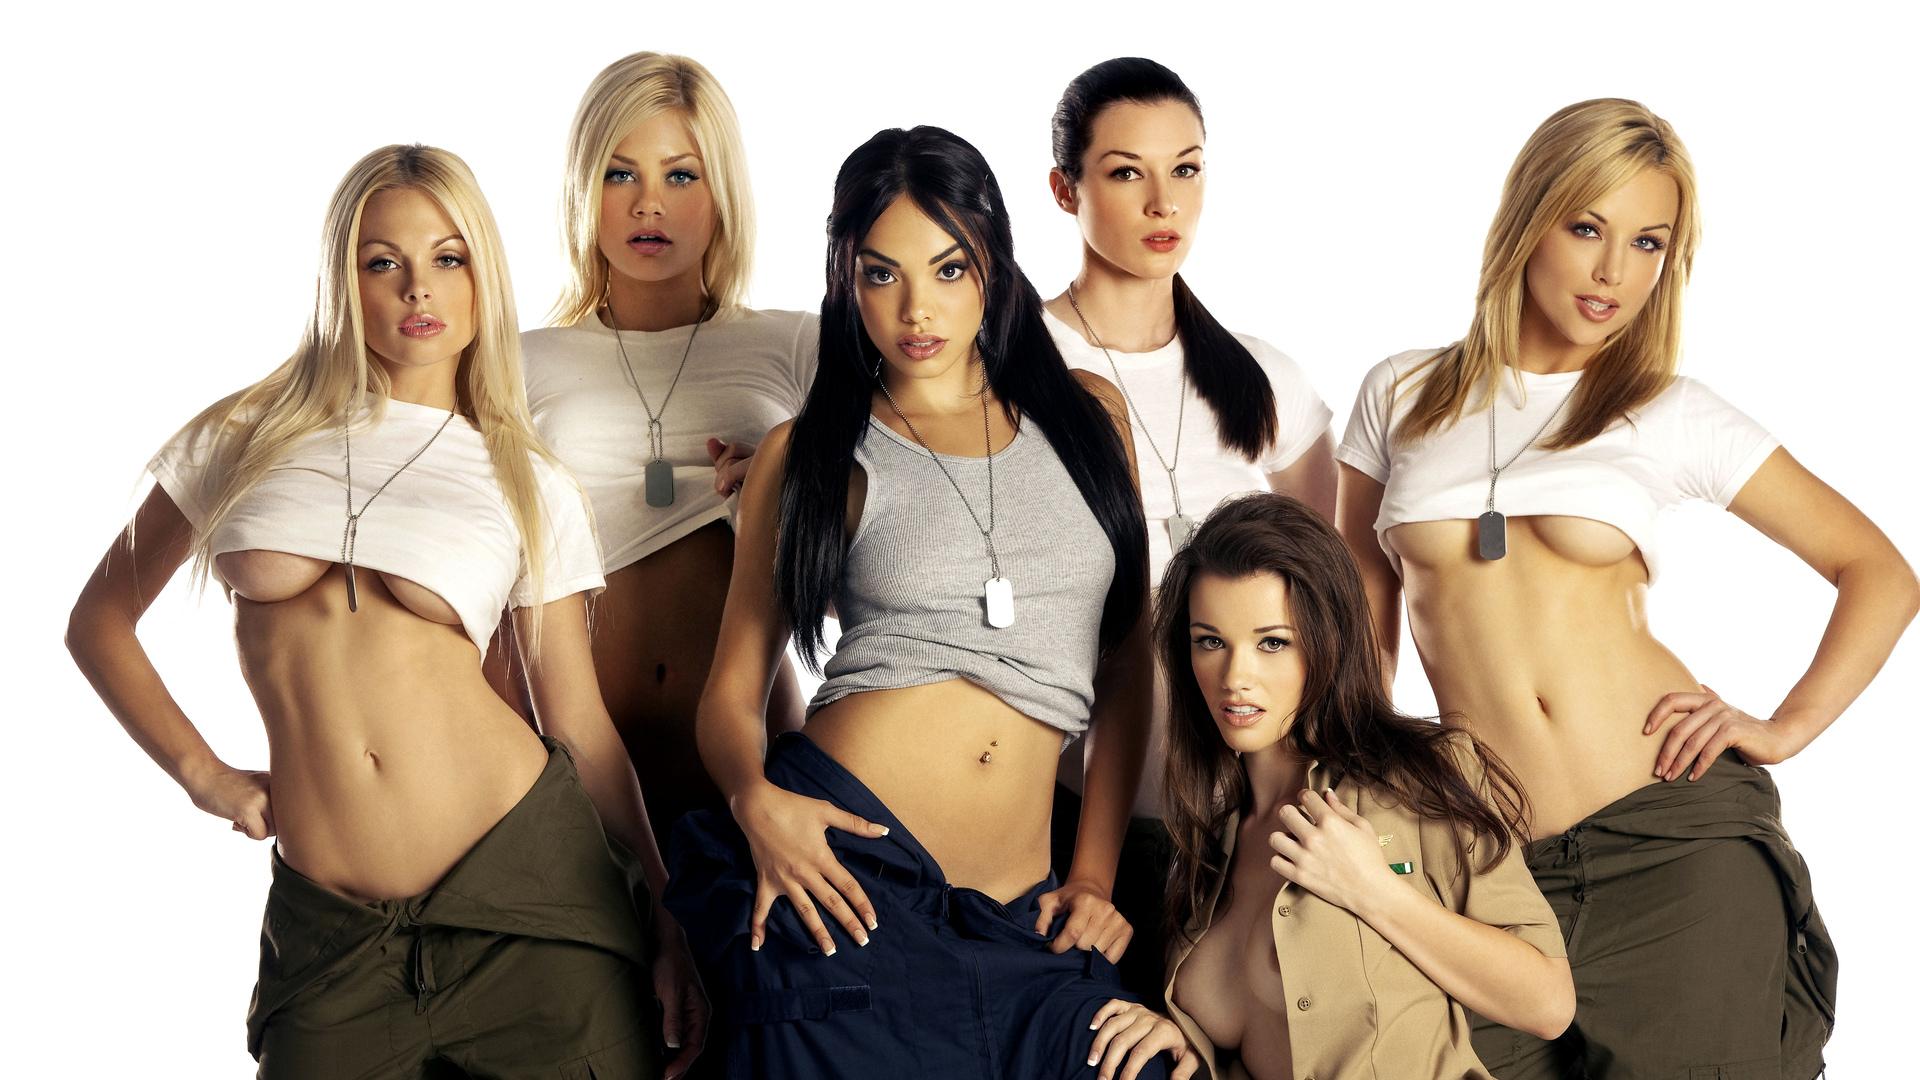 Секси группой бесплатно, Групповой секс, мжм и оргии смотреть онлайн бесплатно 18 фотография